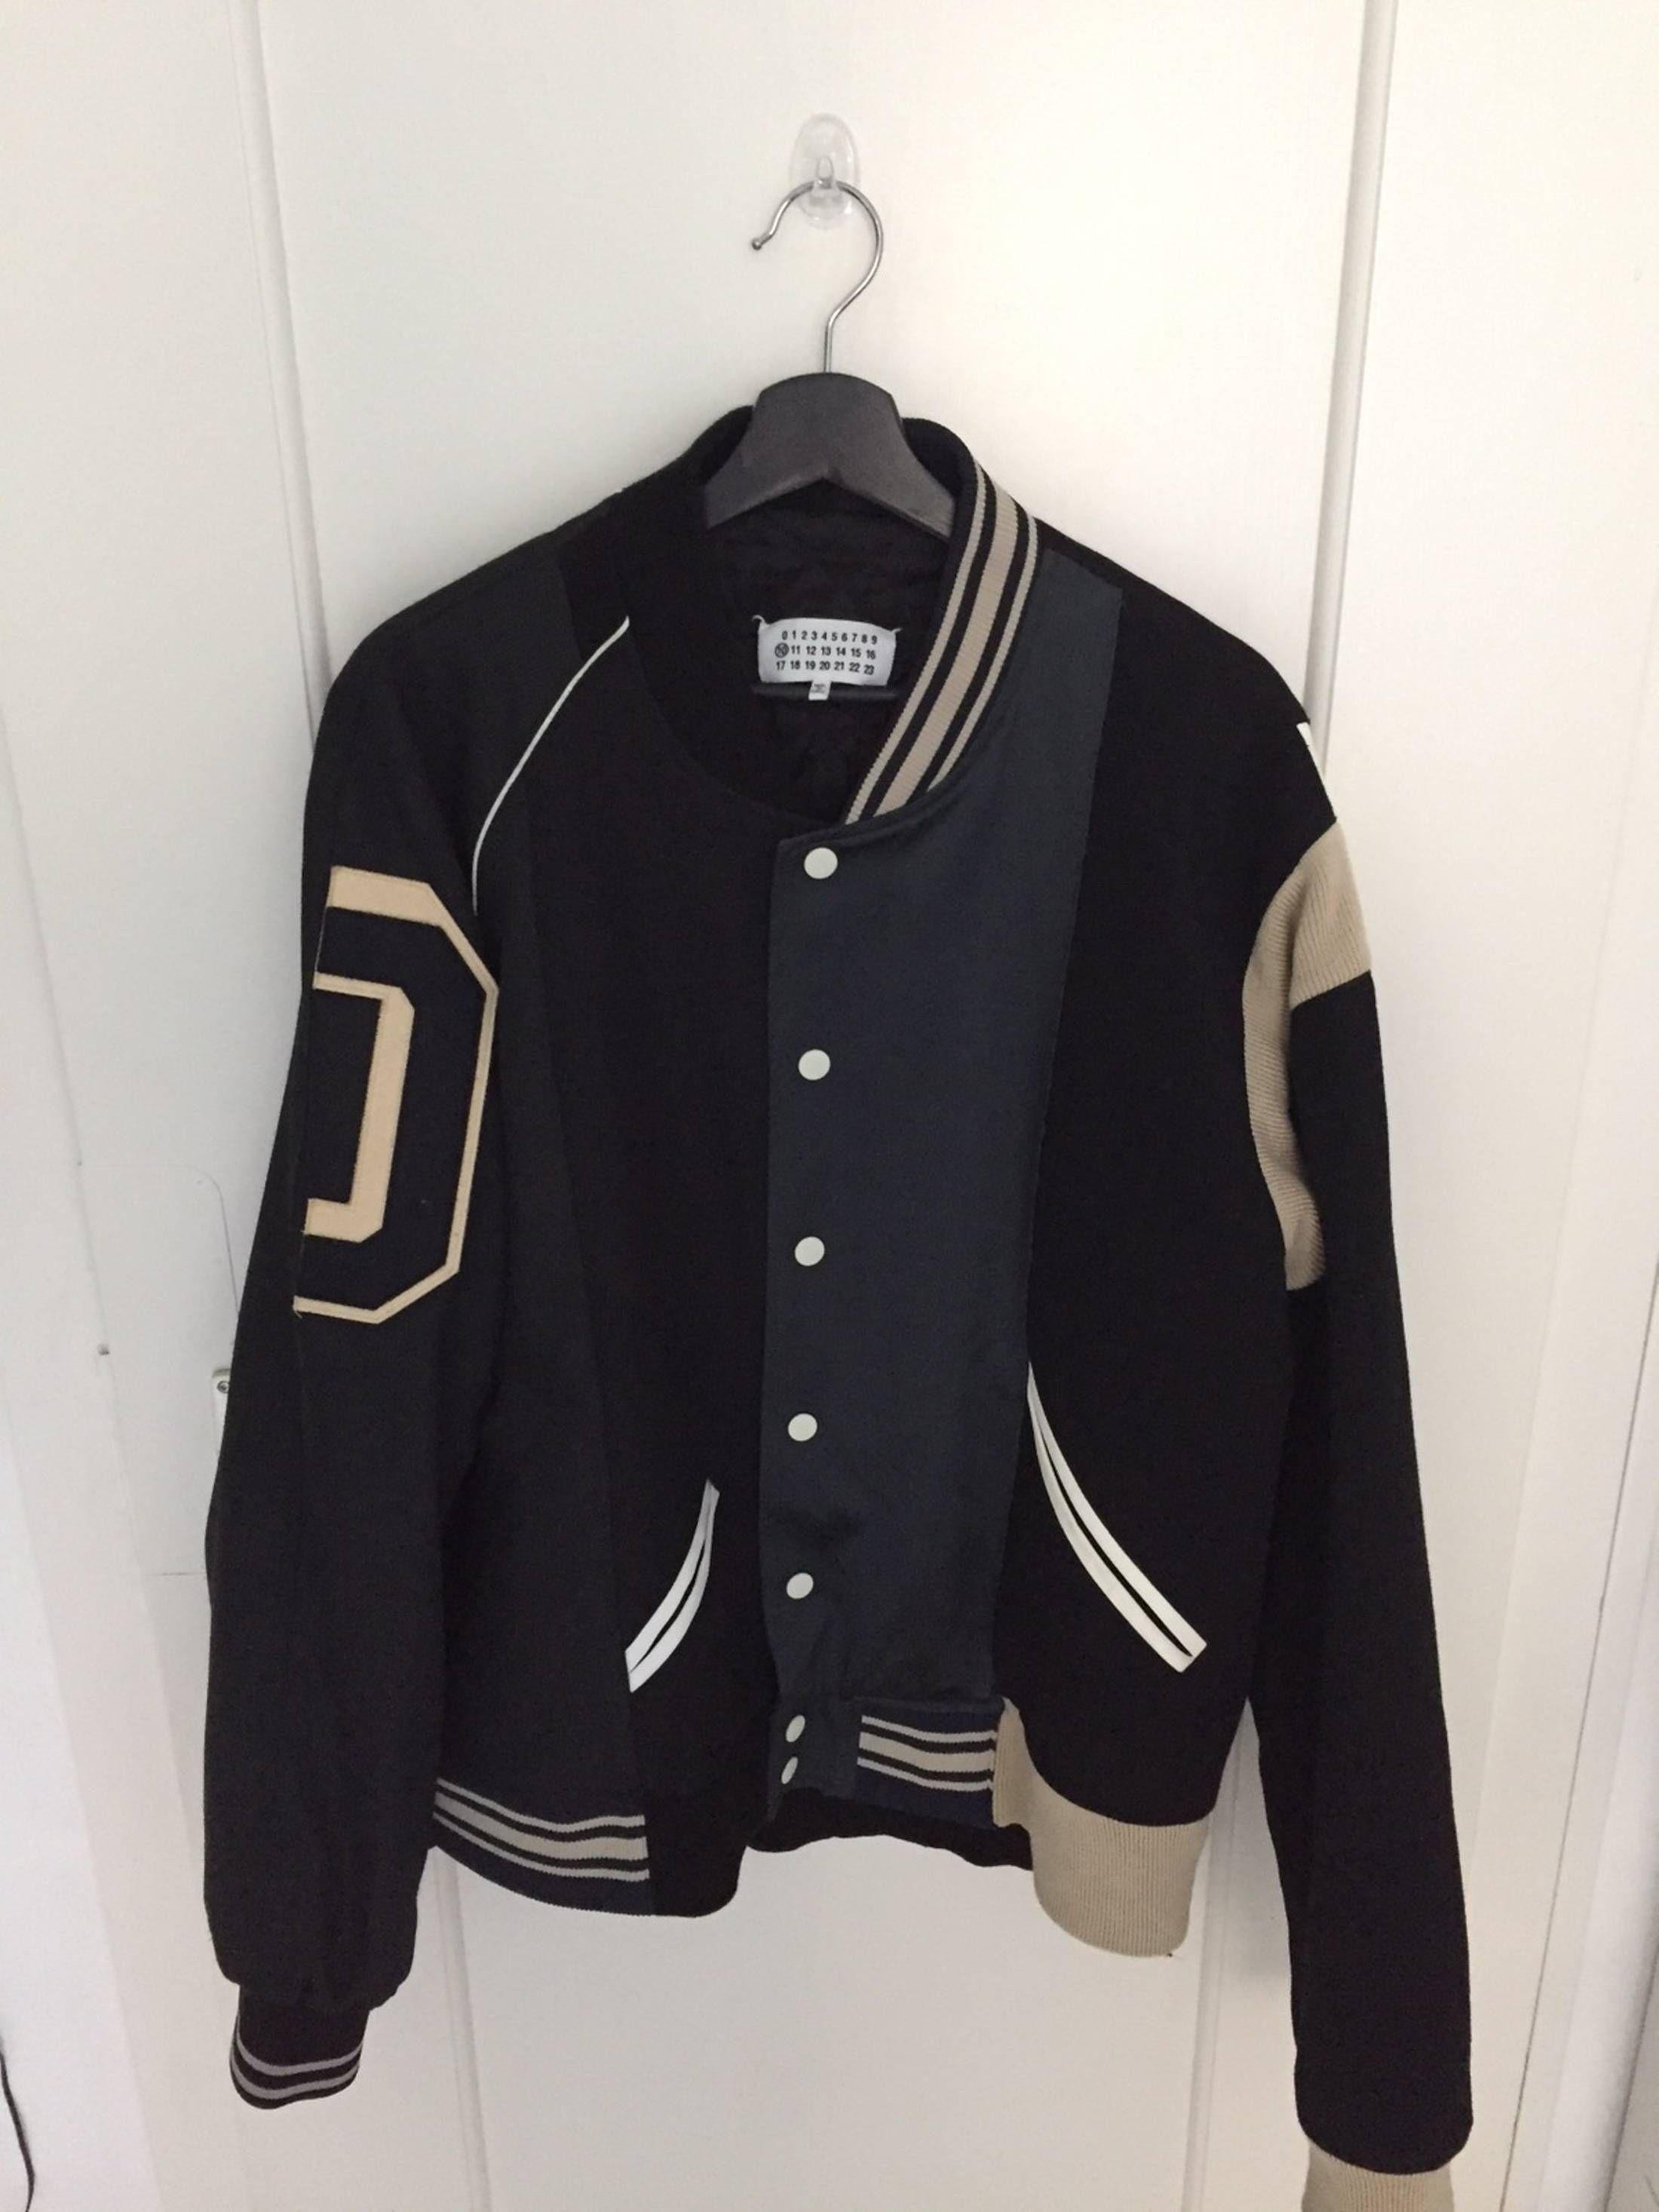 Maison Margiela Maison Martin Margiela Varsity Jacket Size US XL / EU 56 / 4